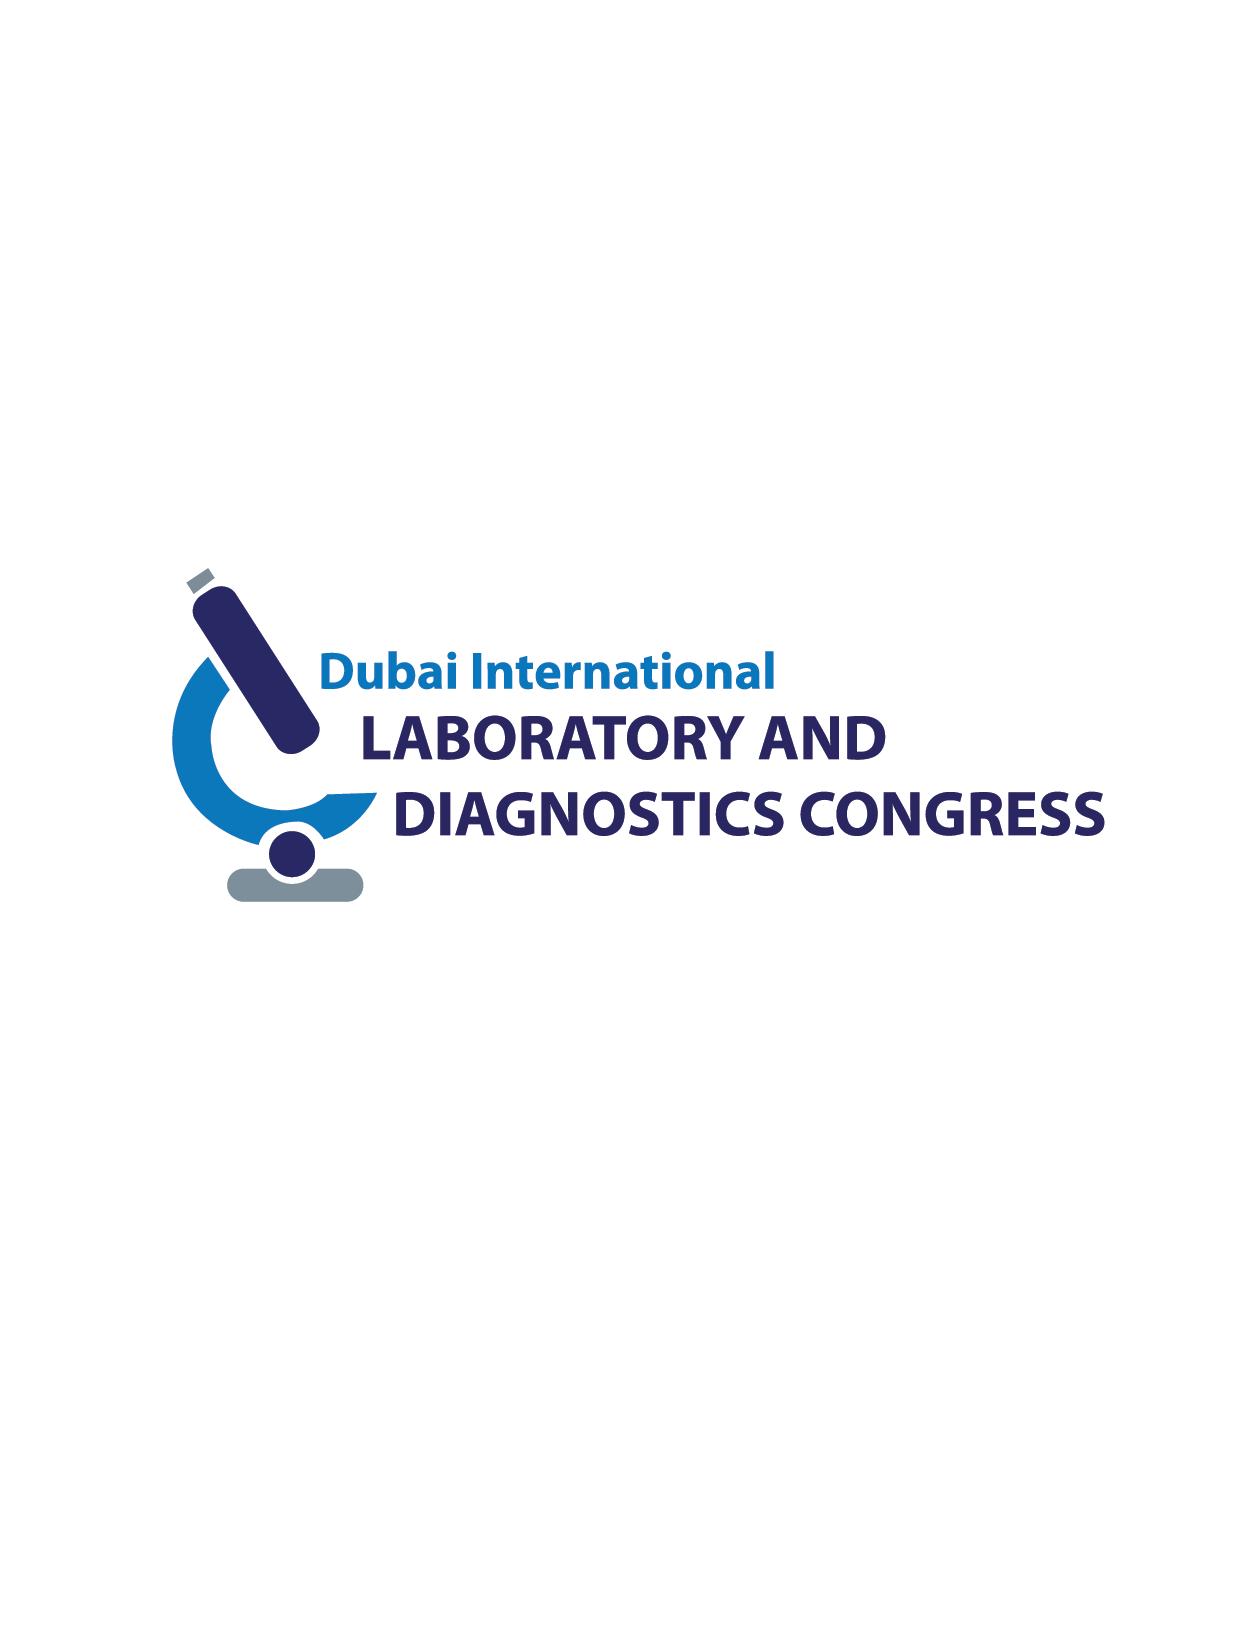 Dubai International Laboratory and Diagnostics Congress